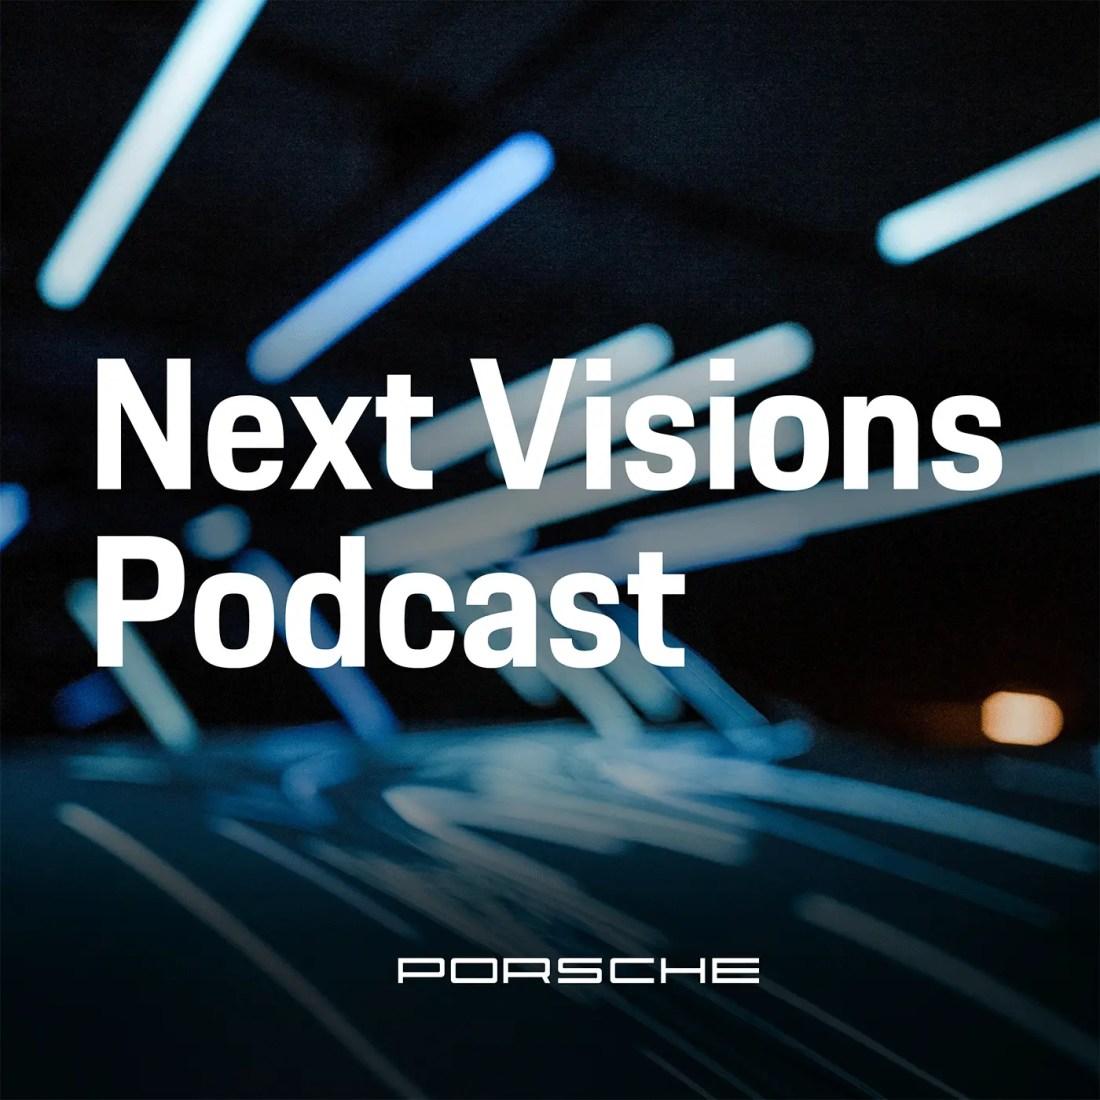 Podcast: Next Visions - Next Visions - Vordenker von heute über Themen von morgen